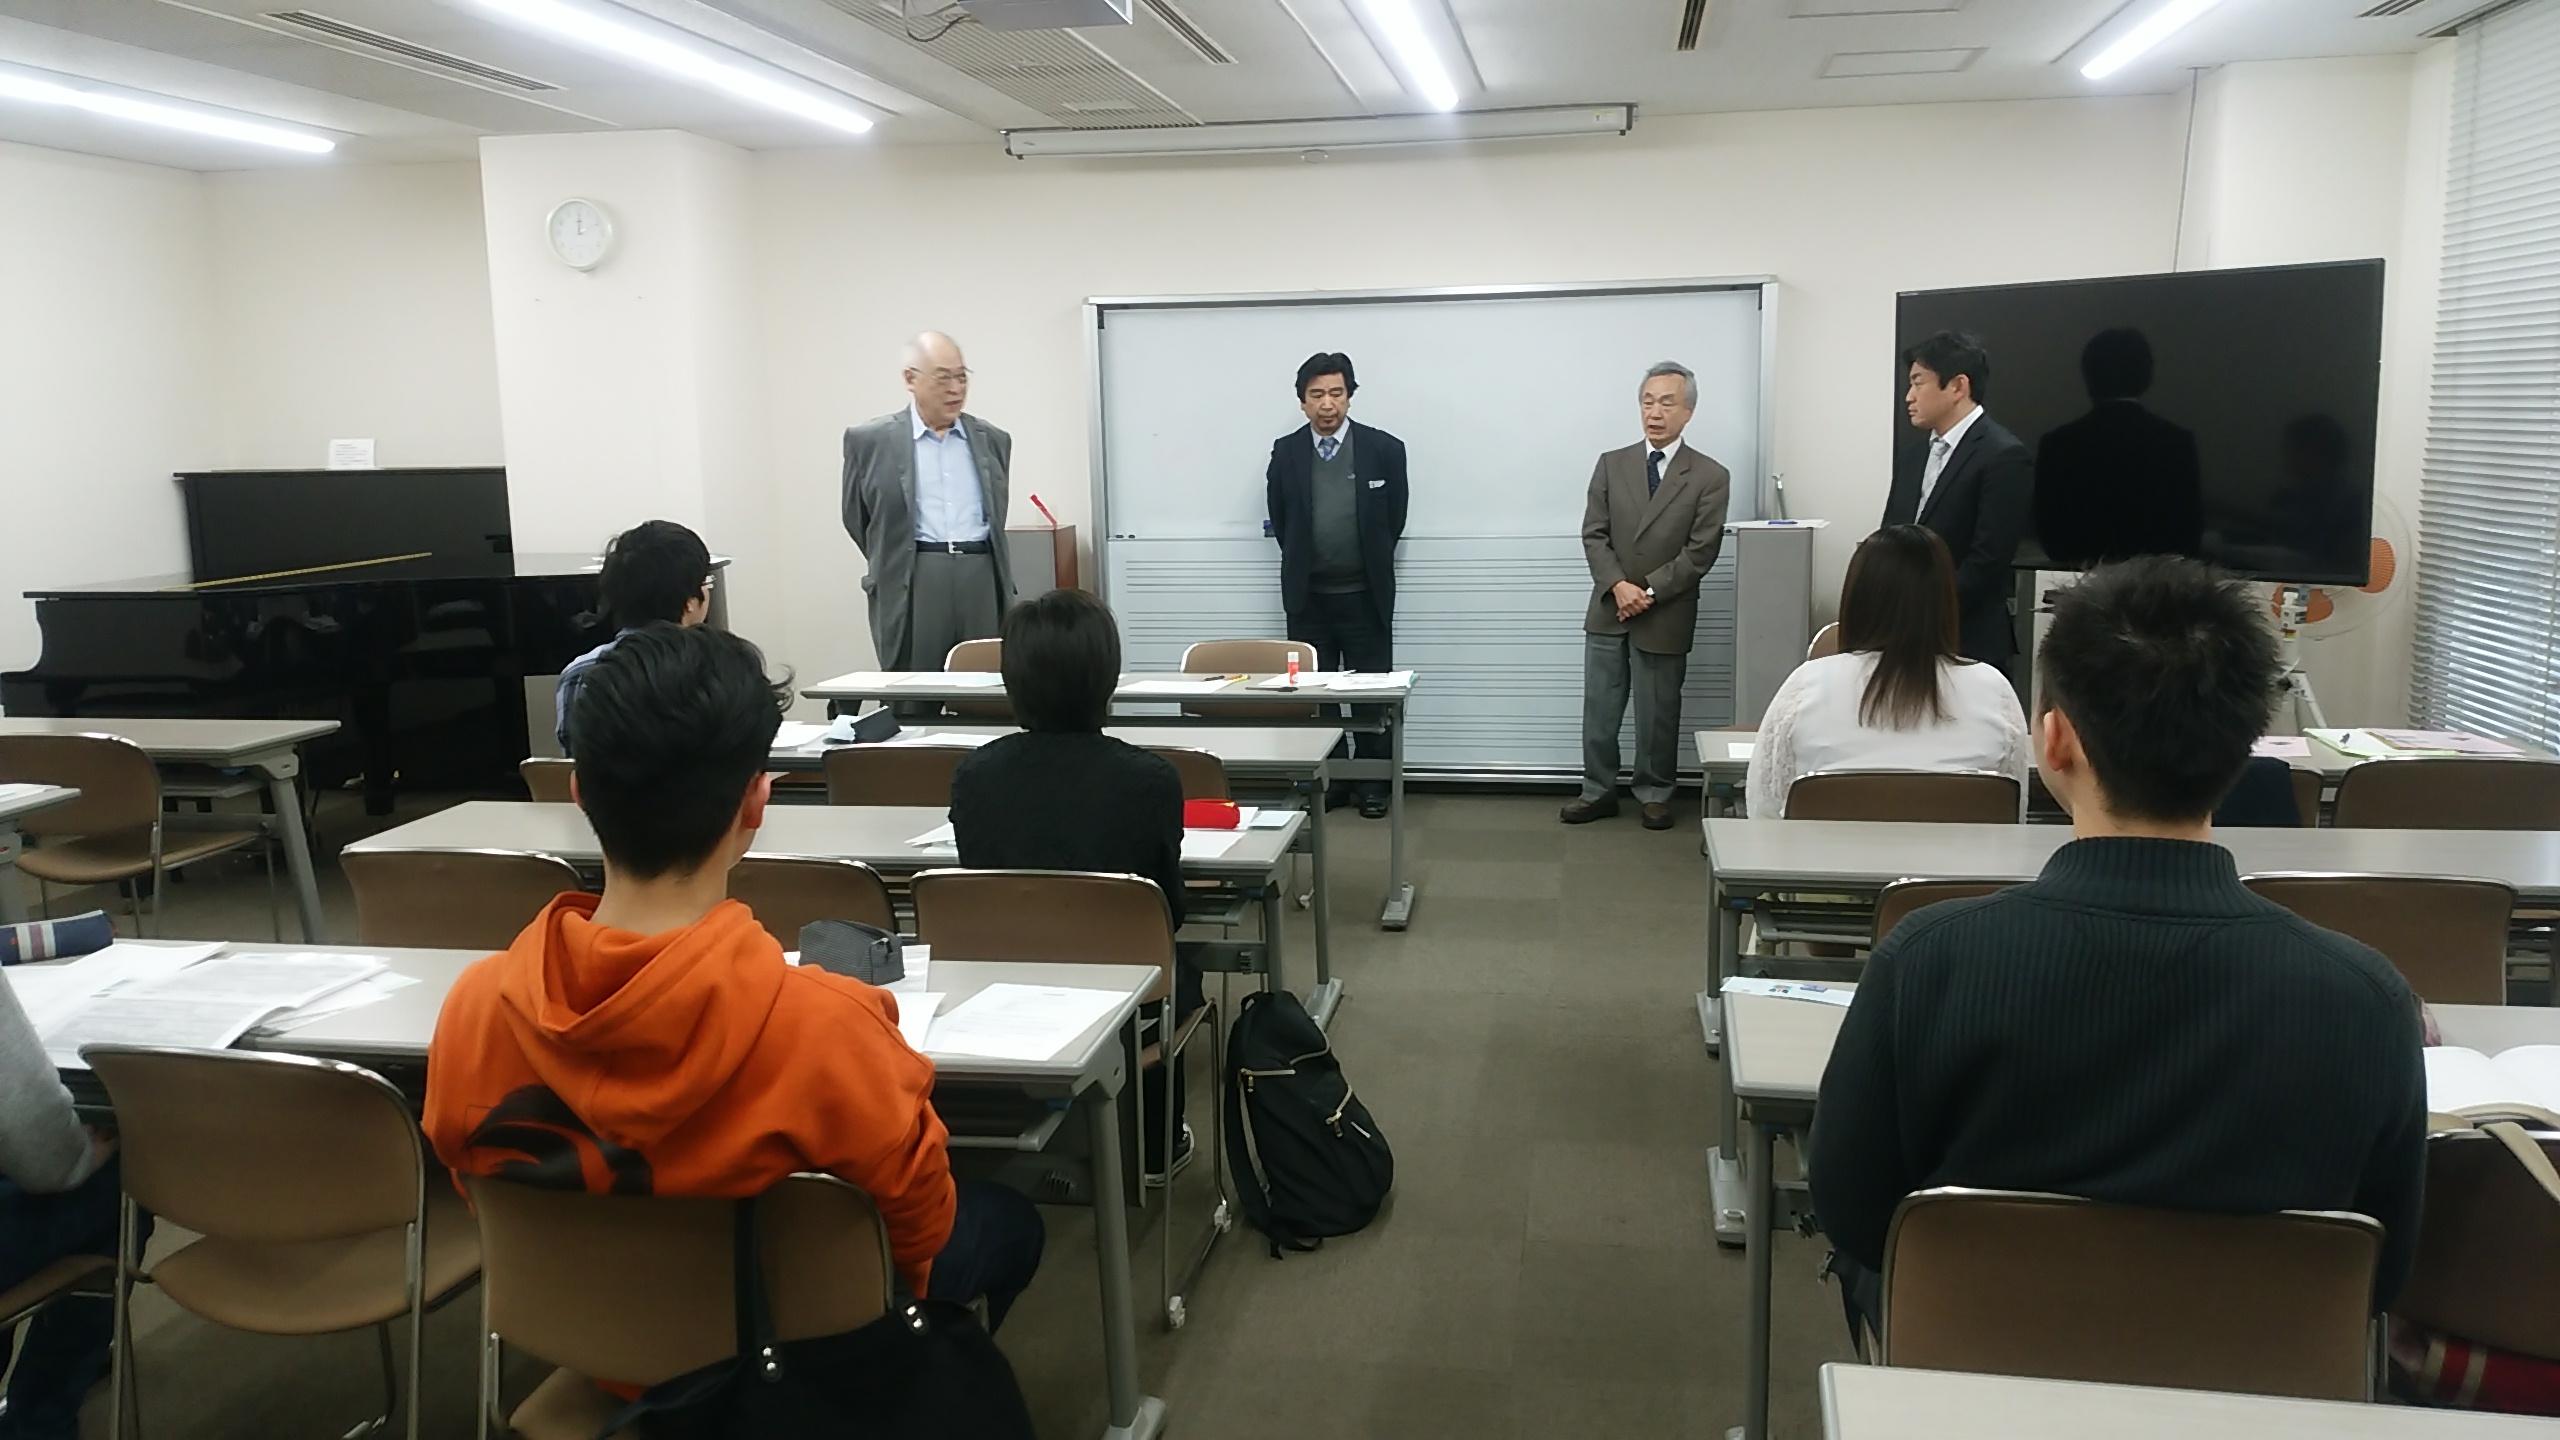 ピアノ調律科の指導講師4名が新入生の前で話しています。